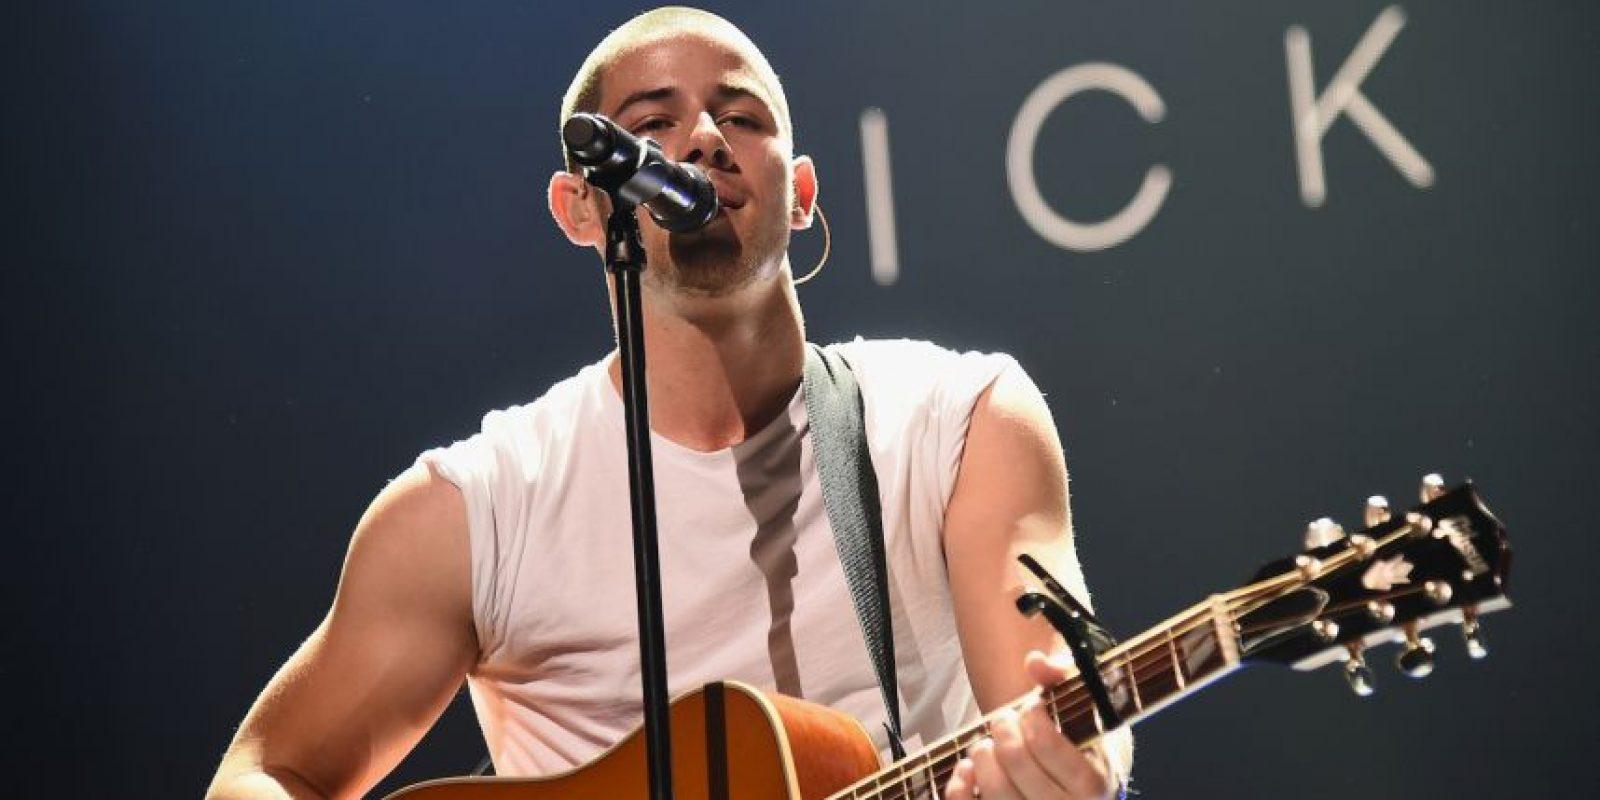 A mitad de su canción, parte del staff le retiró las cadenas para que pudiera bailar. Foto:Getty Images